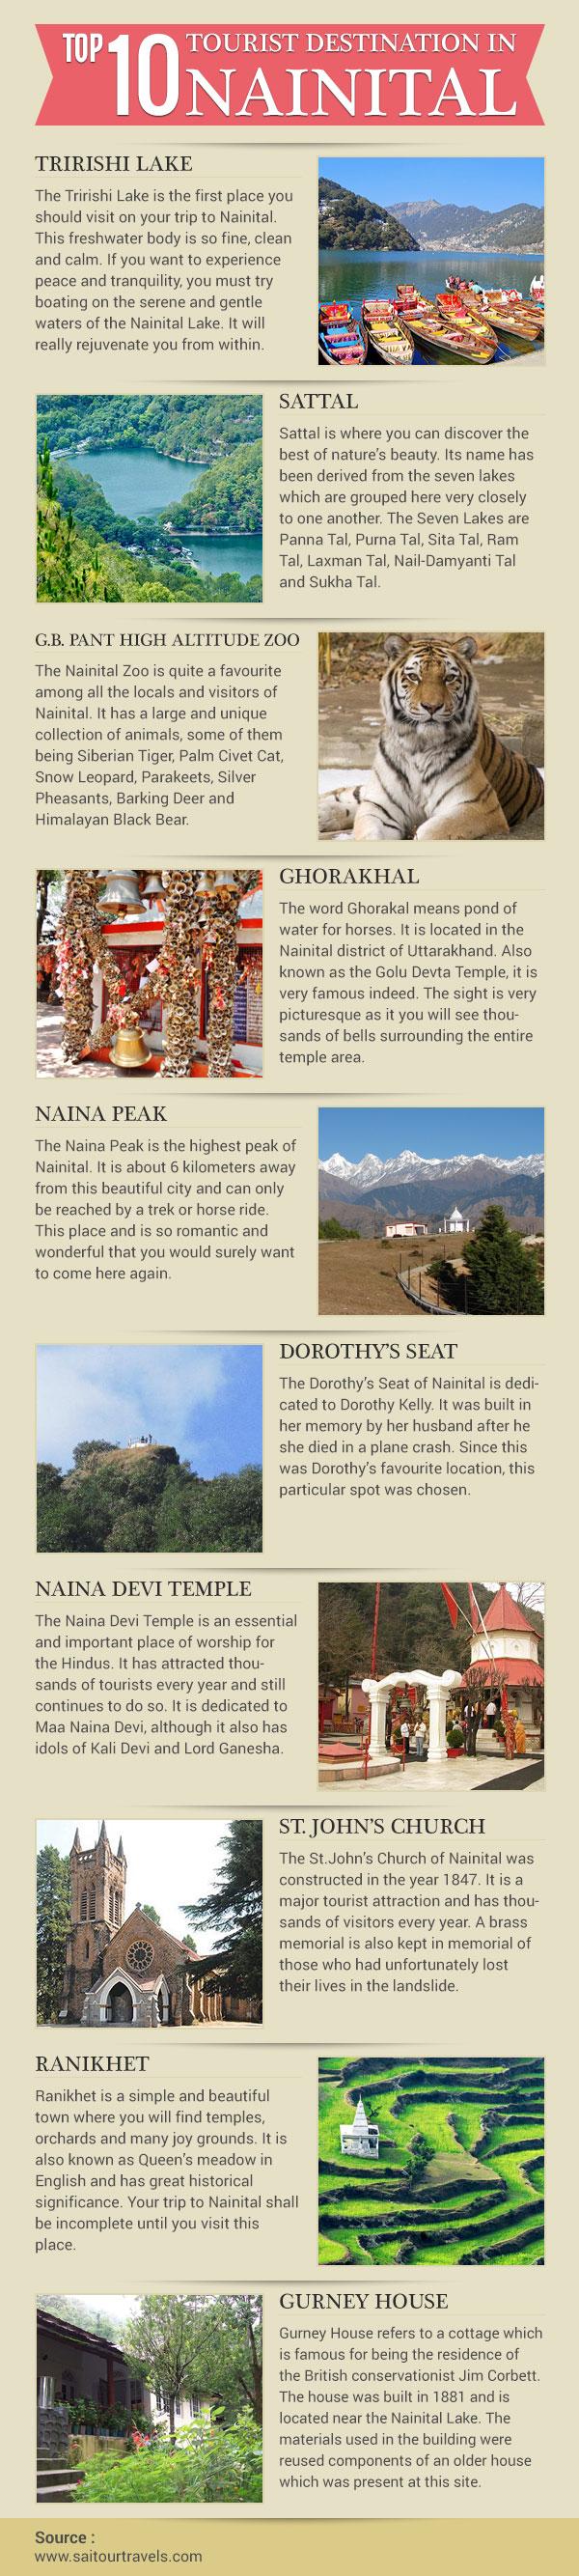 Top 10 tourist destinations in Nainital